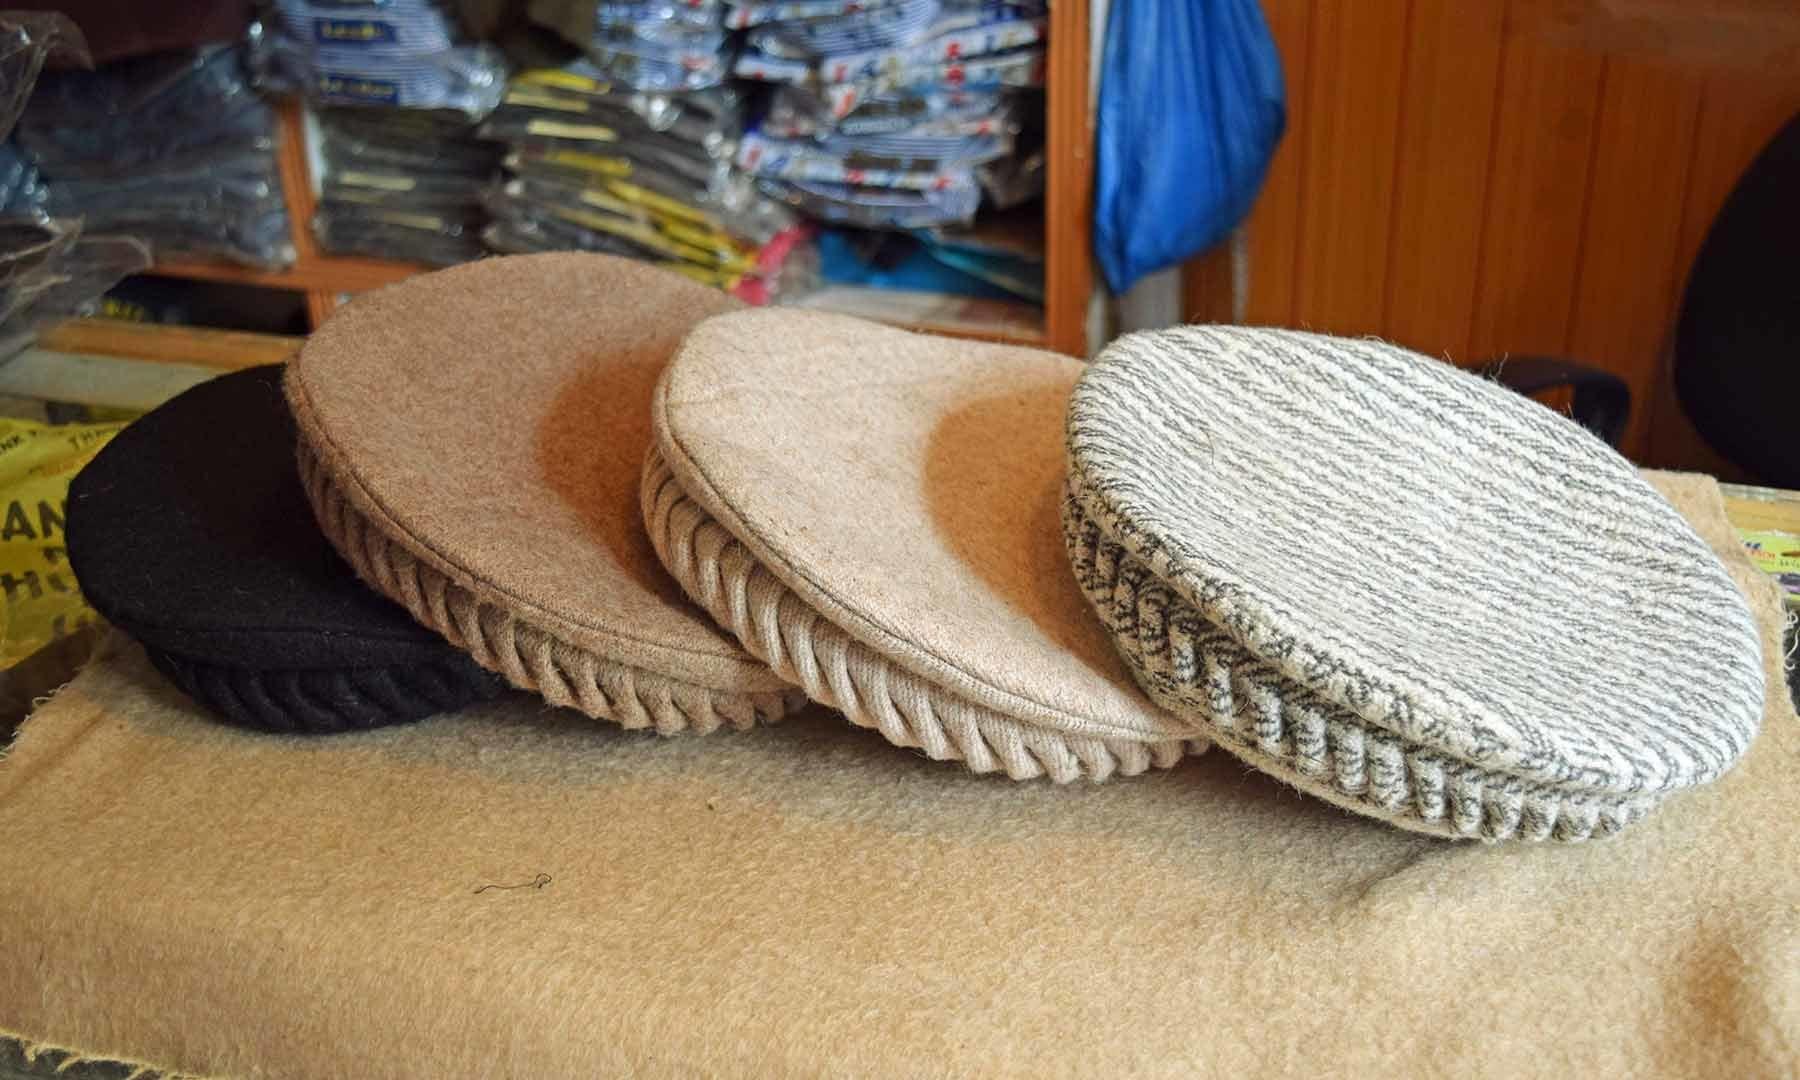 سواتی ٹوپی ہر رنگ میں اور گاہکوں کی خواہش کے مطابق تیار کی جاتی ہے۔ — فوٹو امجد علی سحاب۔